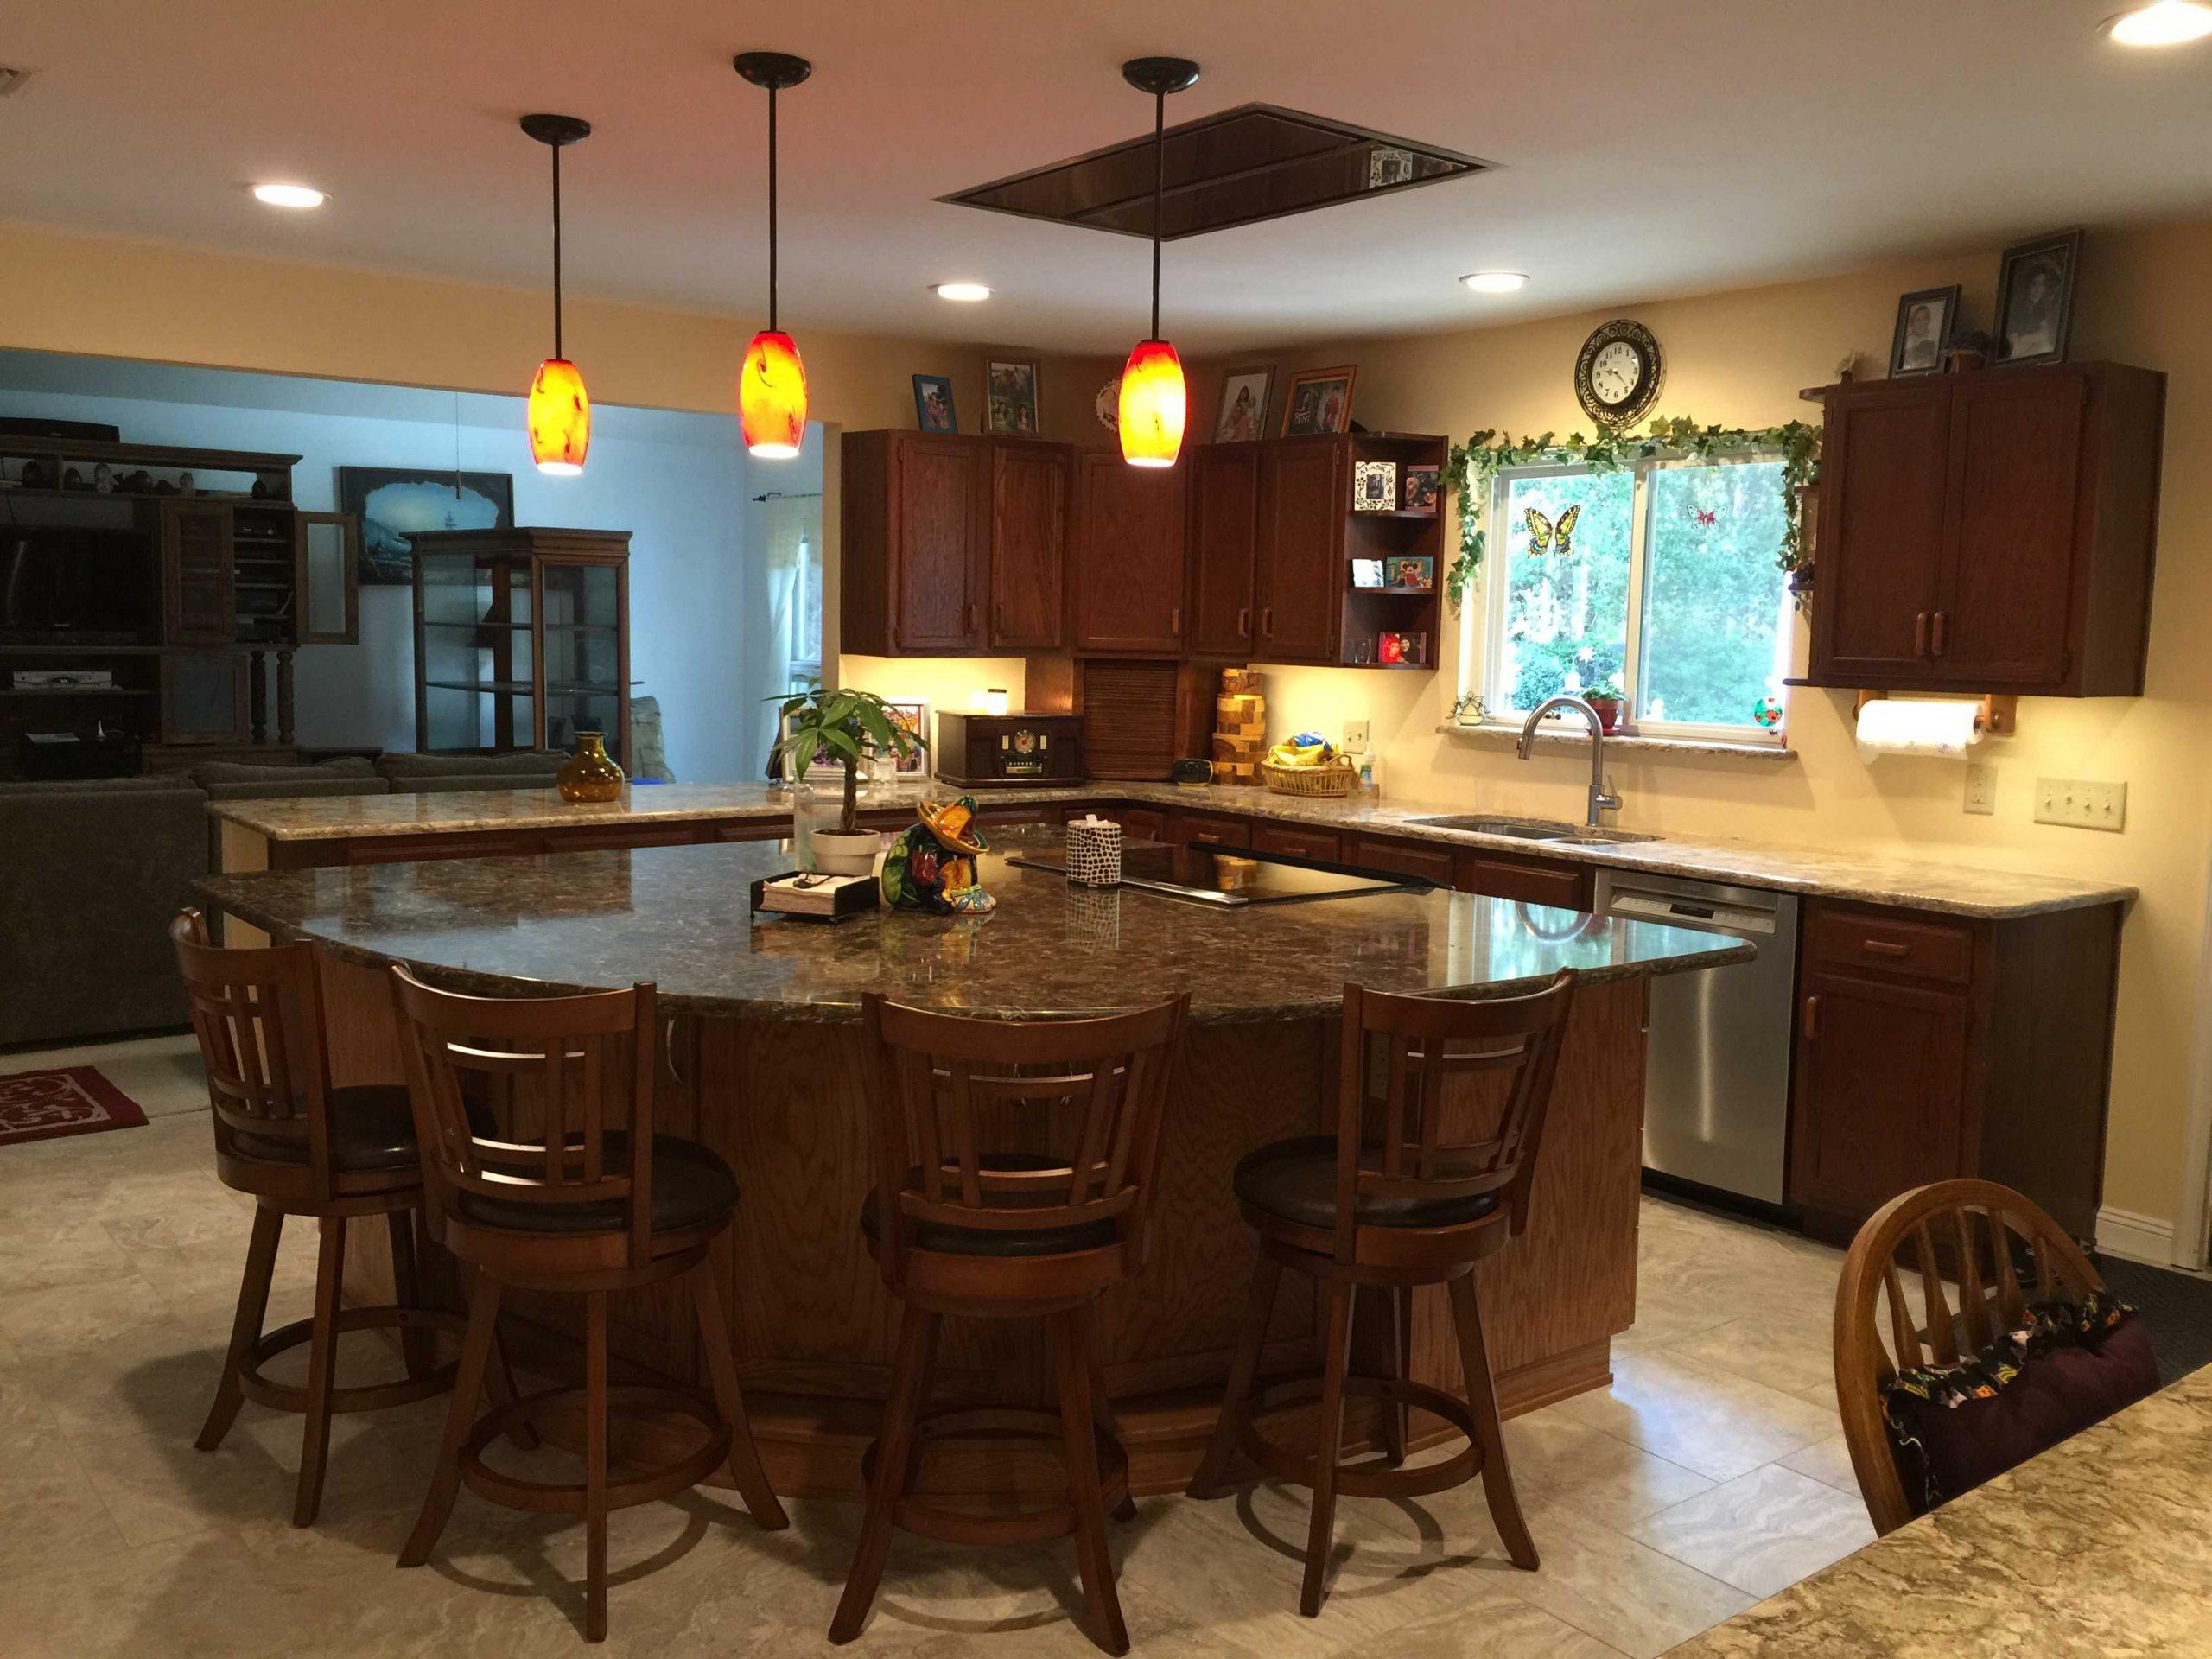 Kitchen Custom Kitchen Storage Alpha Closets Company Inc, 6084 Gulf Breeze Pkwy, Gulf Breeze, Fl 32563 (850) 934 9130 Copy